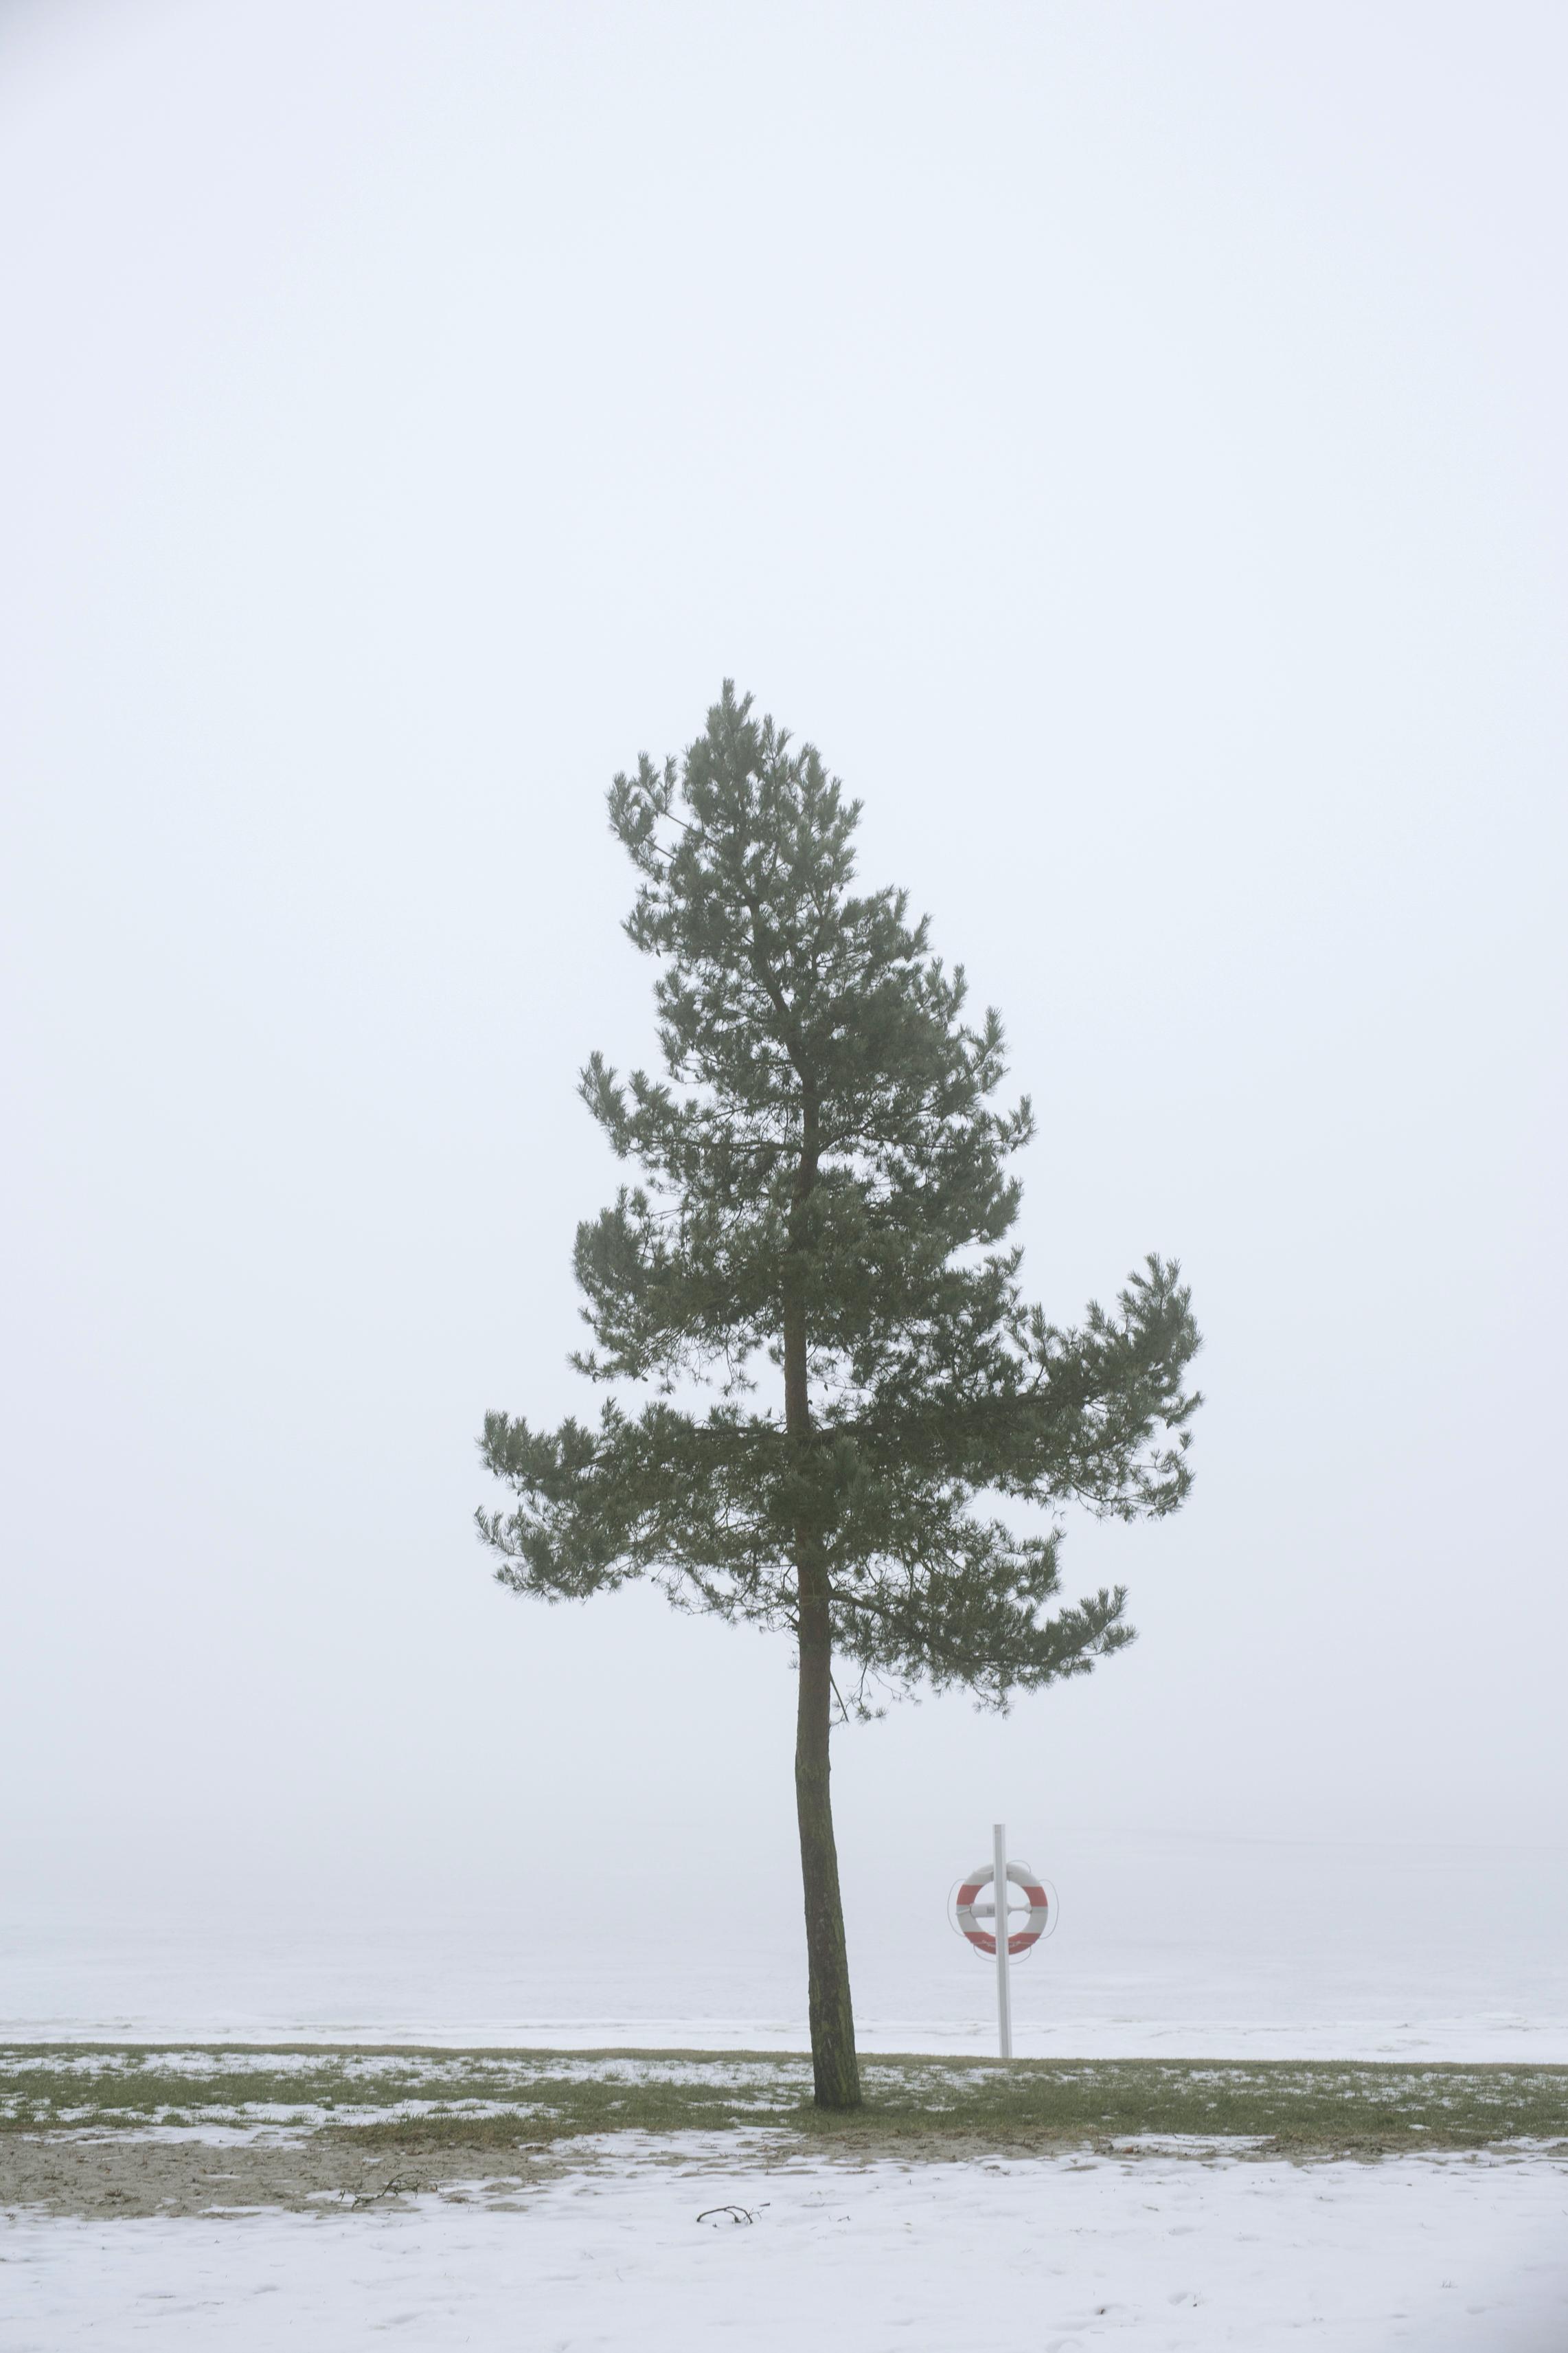 tåge_vejle_marts_fotograf Tine Hvolby_112